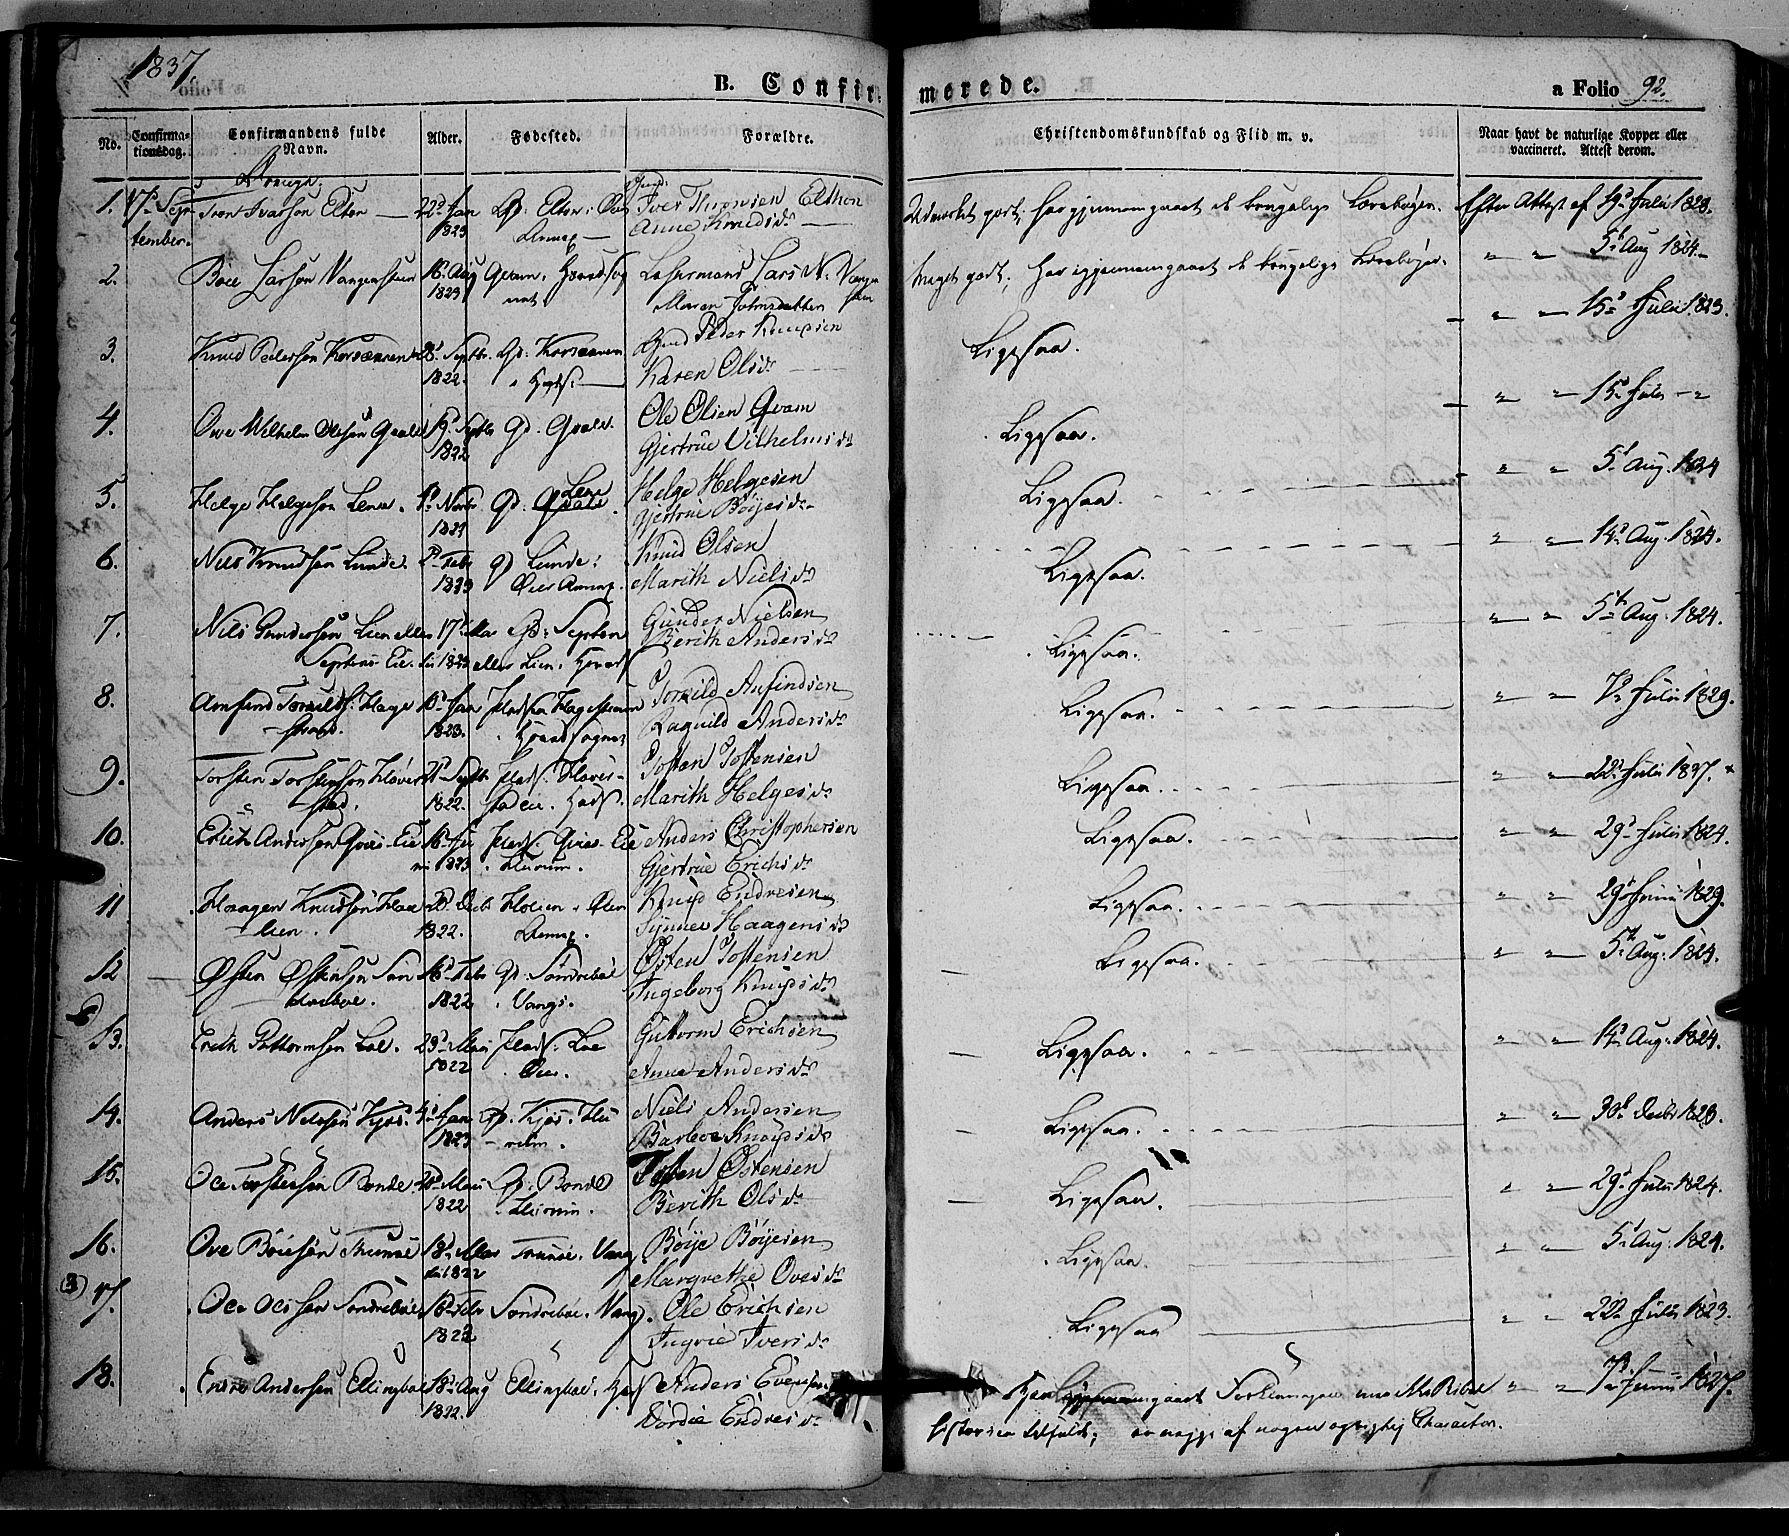 SAH, Vang prestekontor, Valdres, Ministerialbok nr. 5, 1831-1845, s. 92